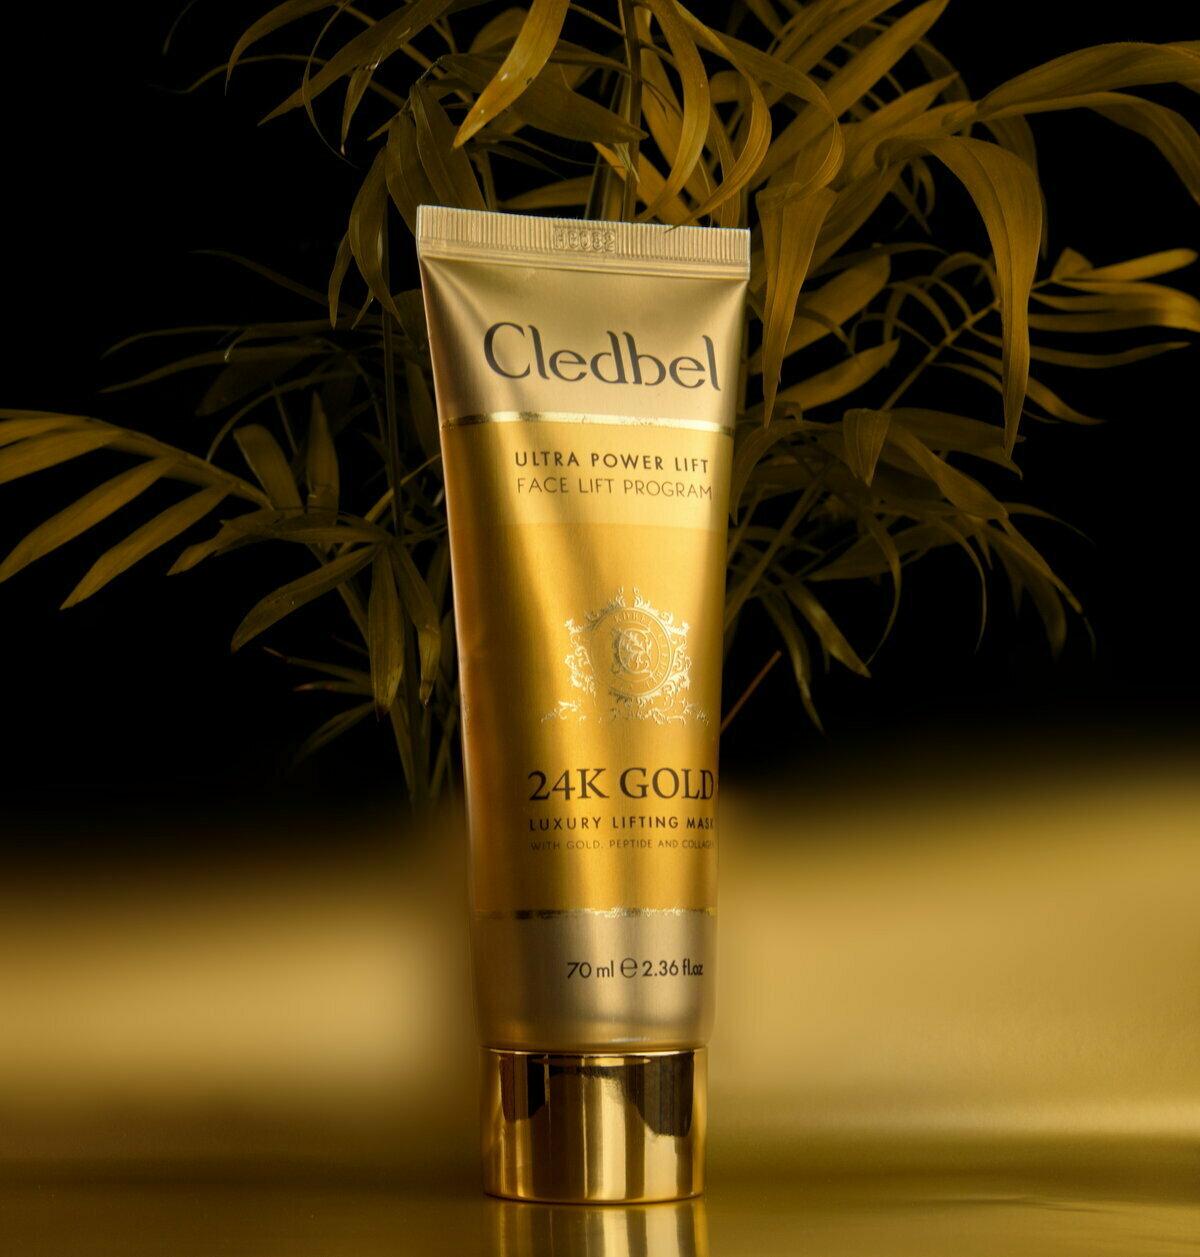 Маска-пленка Cledbel 24K Gold с лифтинг-эффектом в Ивано-Франковске